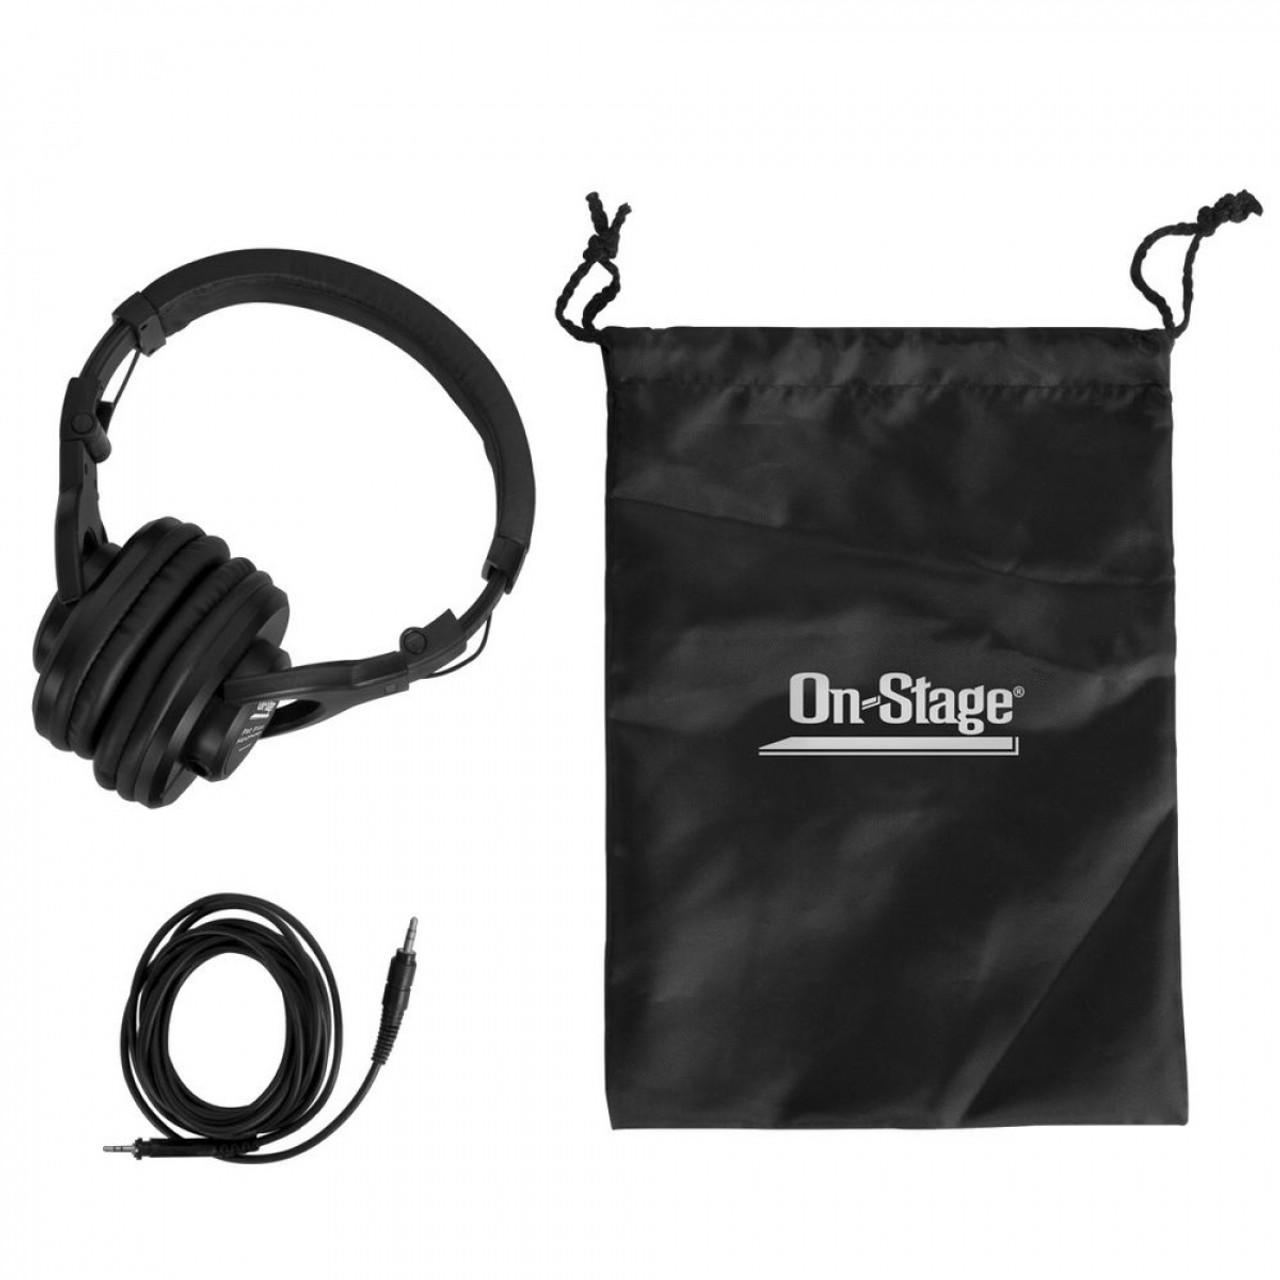 On-Stage Pro Studio Headphones -  SPECIAL